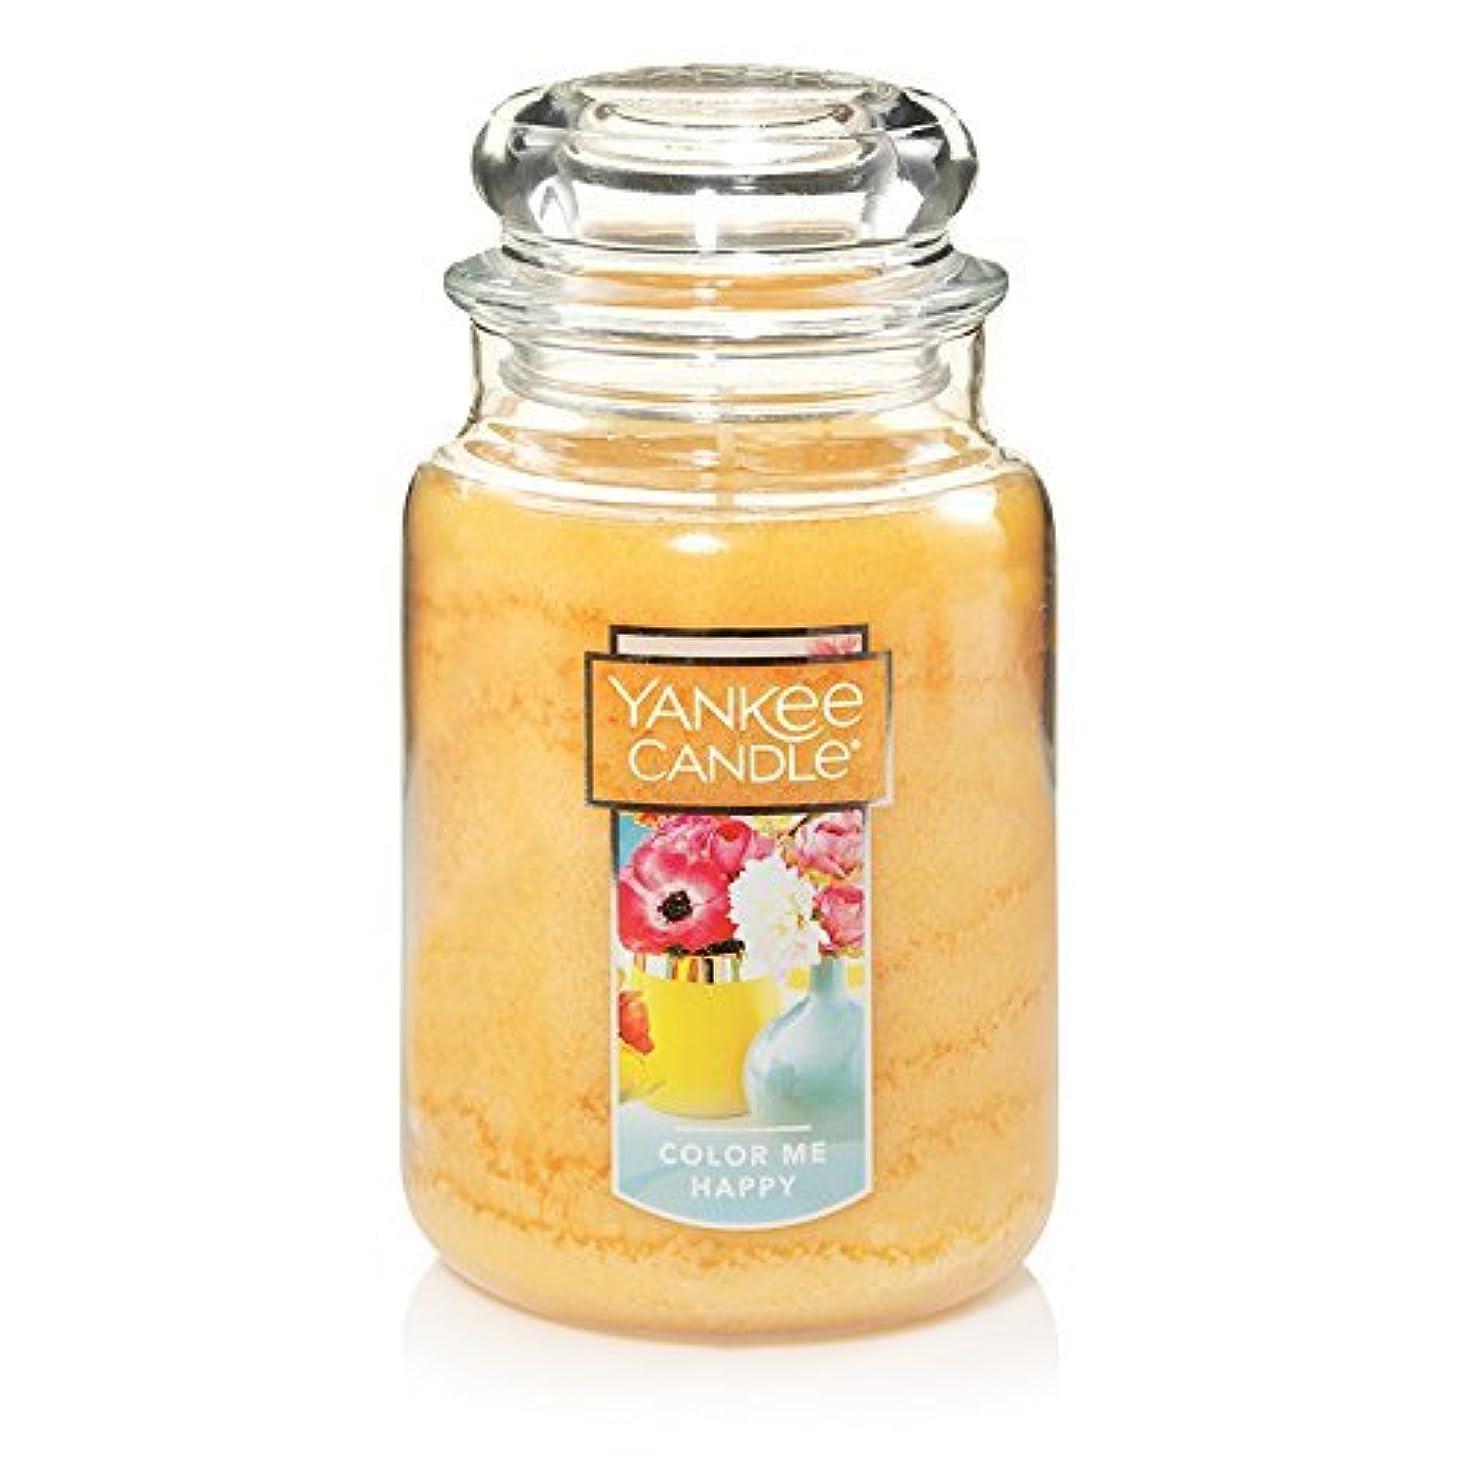 日付送った官僚YankeeキャンドルカラーMe Happy Large Jar Candle、新鮮な香り